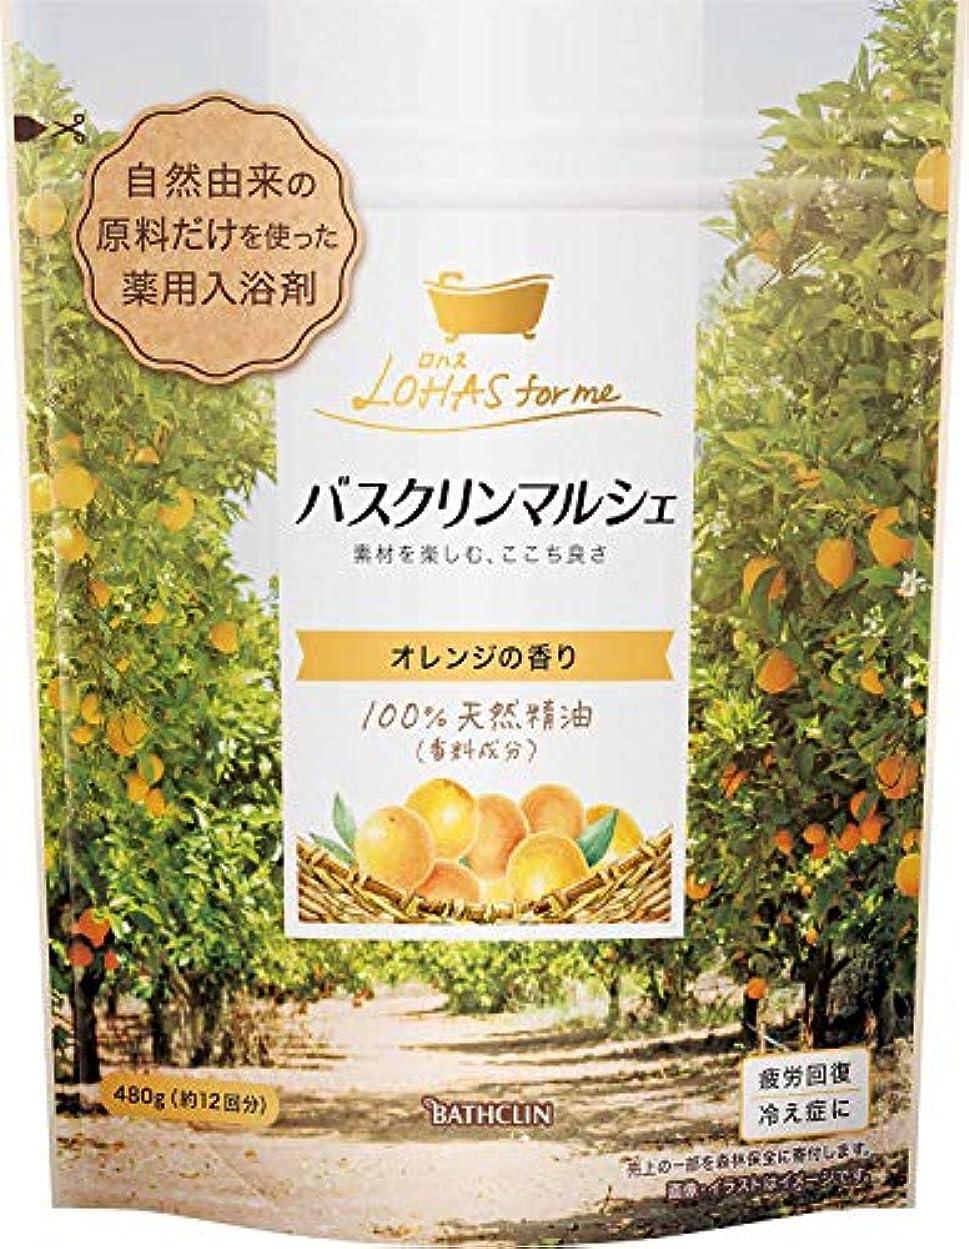 誓約狂うふける【医薬部外品/合成香料無添加】バスクリンマルシェ入浴剤 オレンジの香り480g 自然派ほのかなやさしい香り